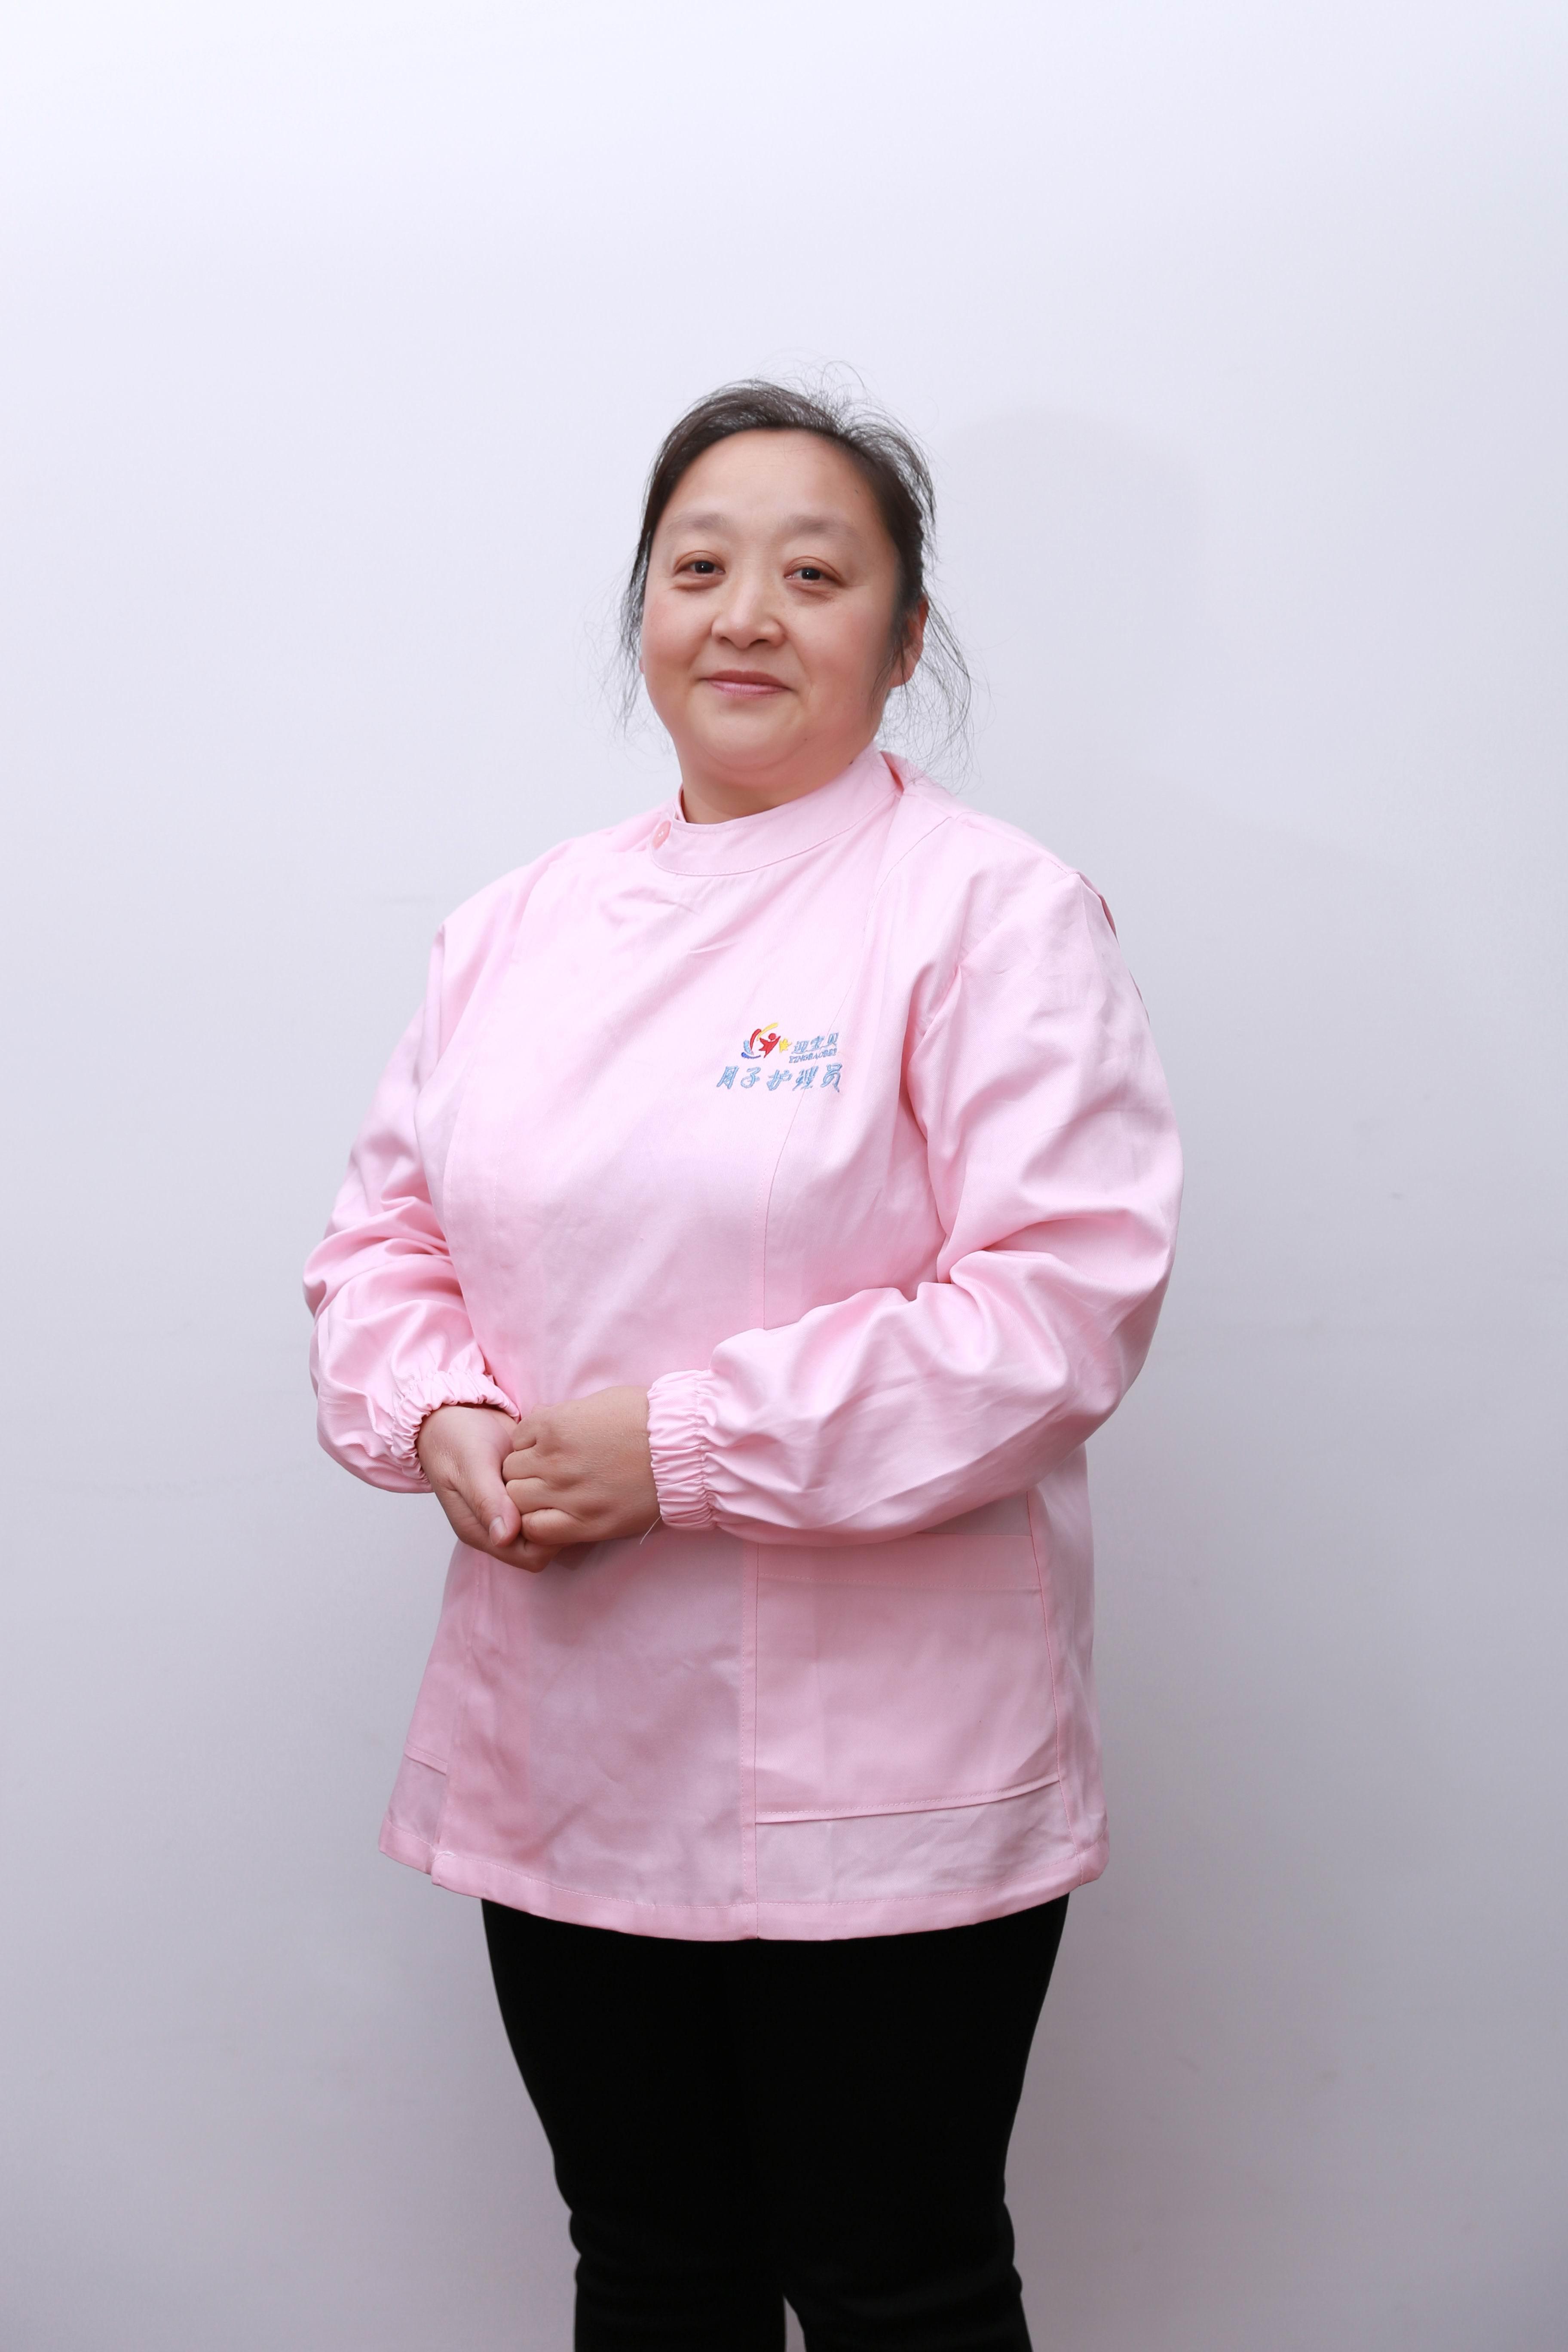 姜宏 青岛大学医学院